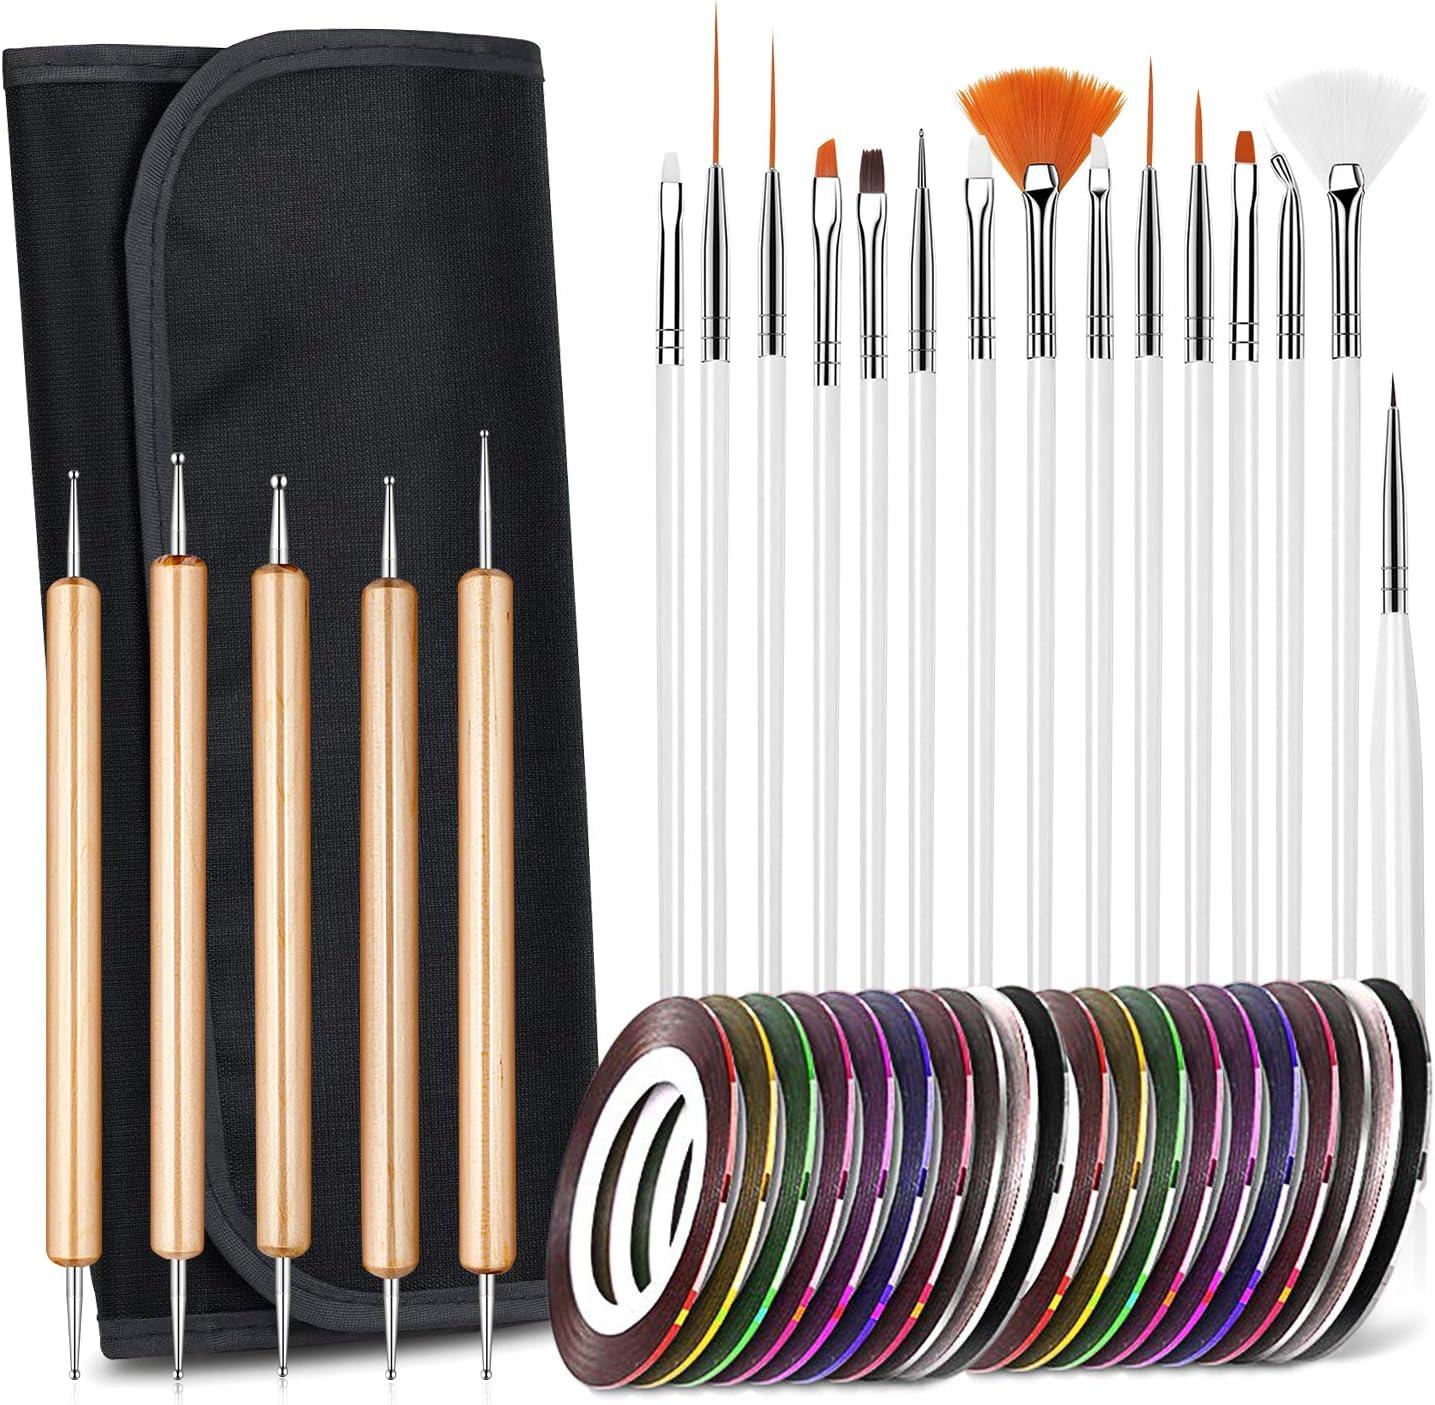 Juego de pinceles para decoración de uñas, diseño de uñas, pinceles de detalles, juego de herramientas de punteado, 15 pinceles + 5 bolígrafos de punteado + 20 rollos de cinta para uñas